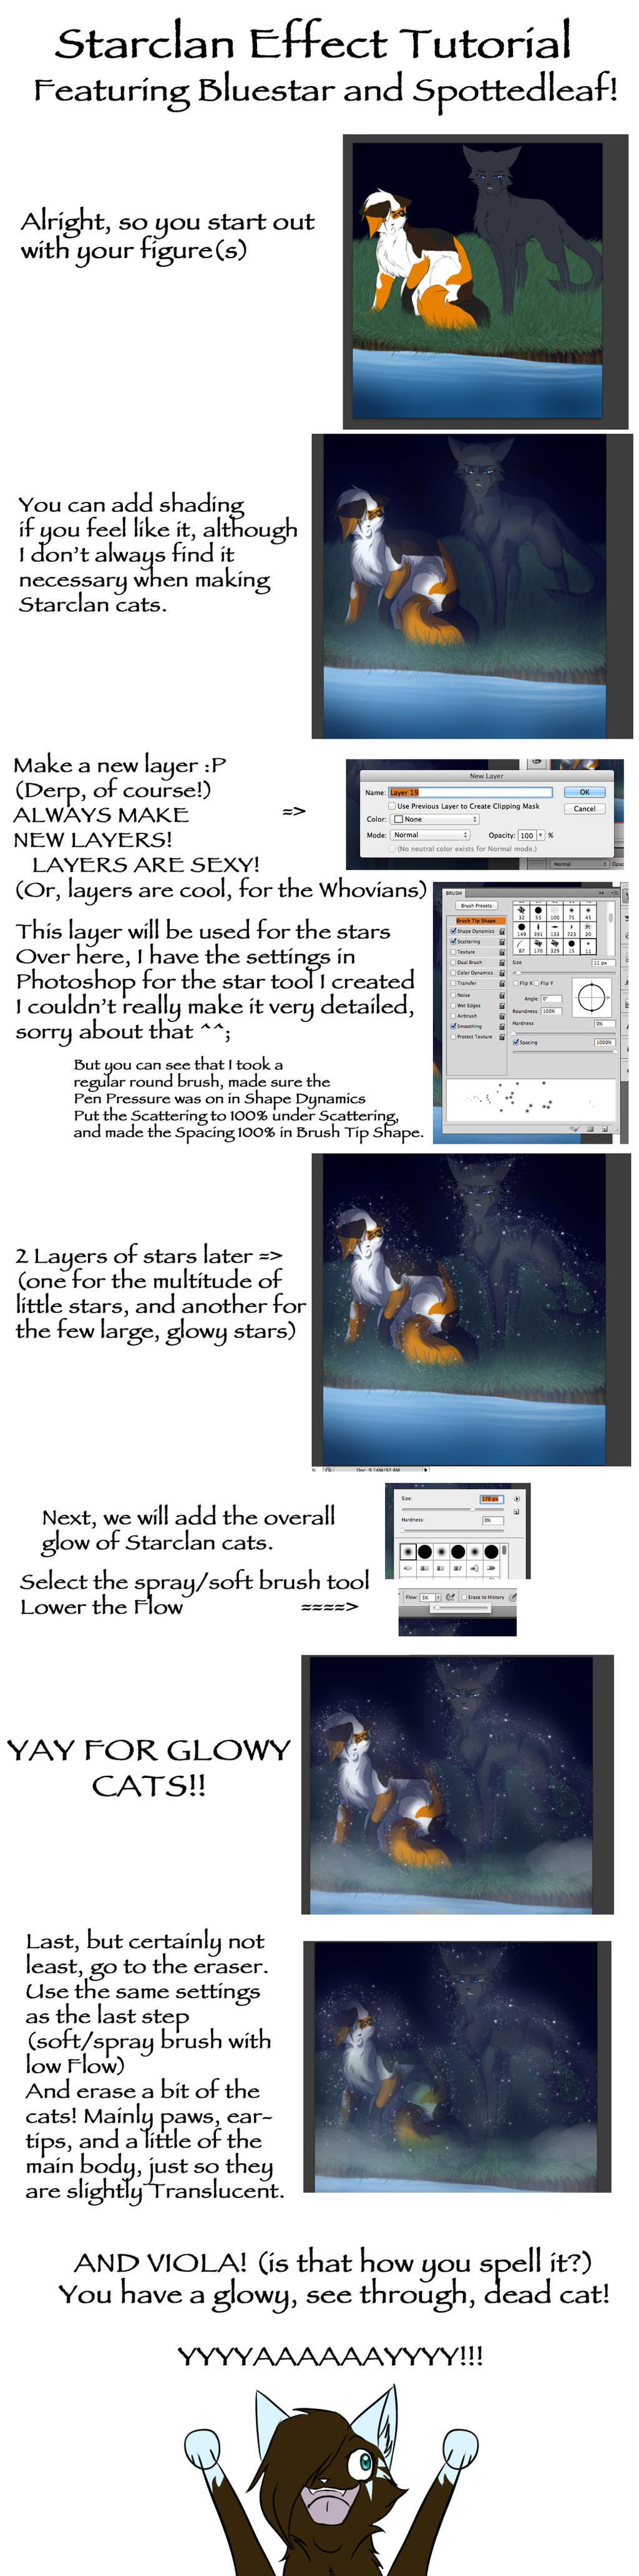 Tutorial 2: Starclan Effect by RiverSpirit456